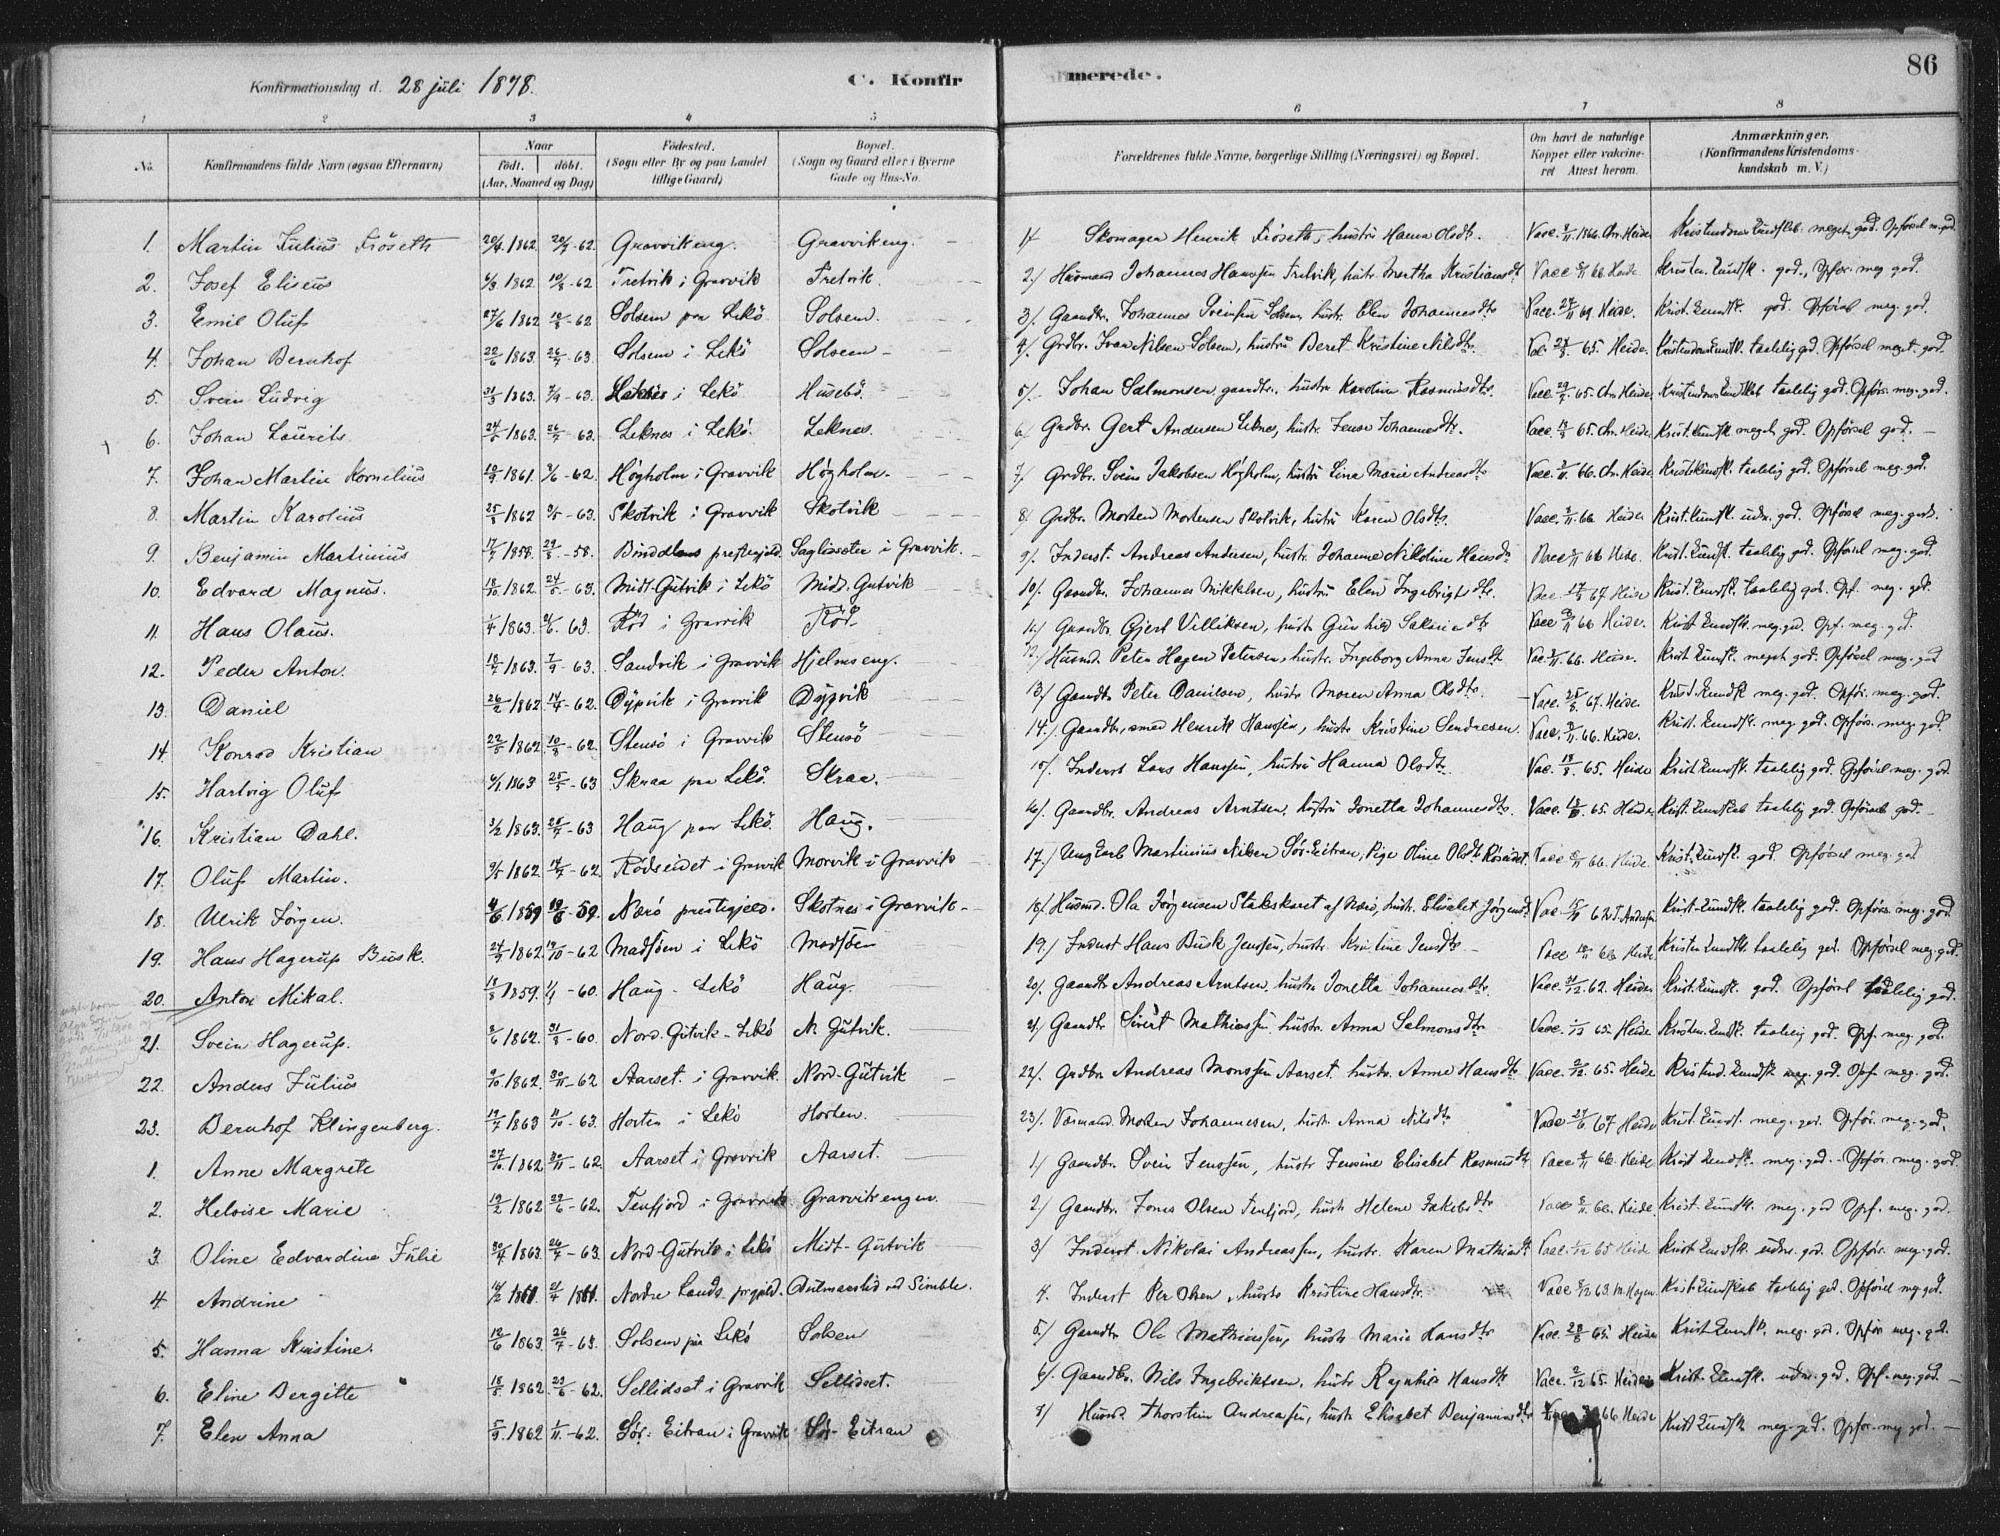 SAT, Ministerialprotokoller, klokkerbøker og fødselsregistre - Nord-Trøndelag, 788/L0697: Ministerialbok nr. 788A04, 1878-1902, s. 86